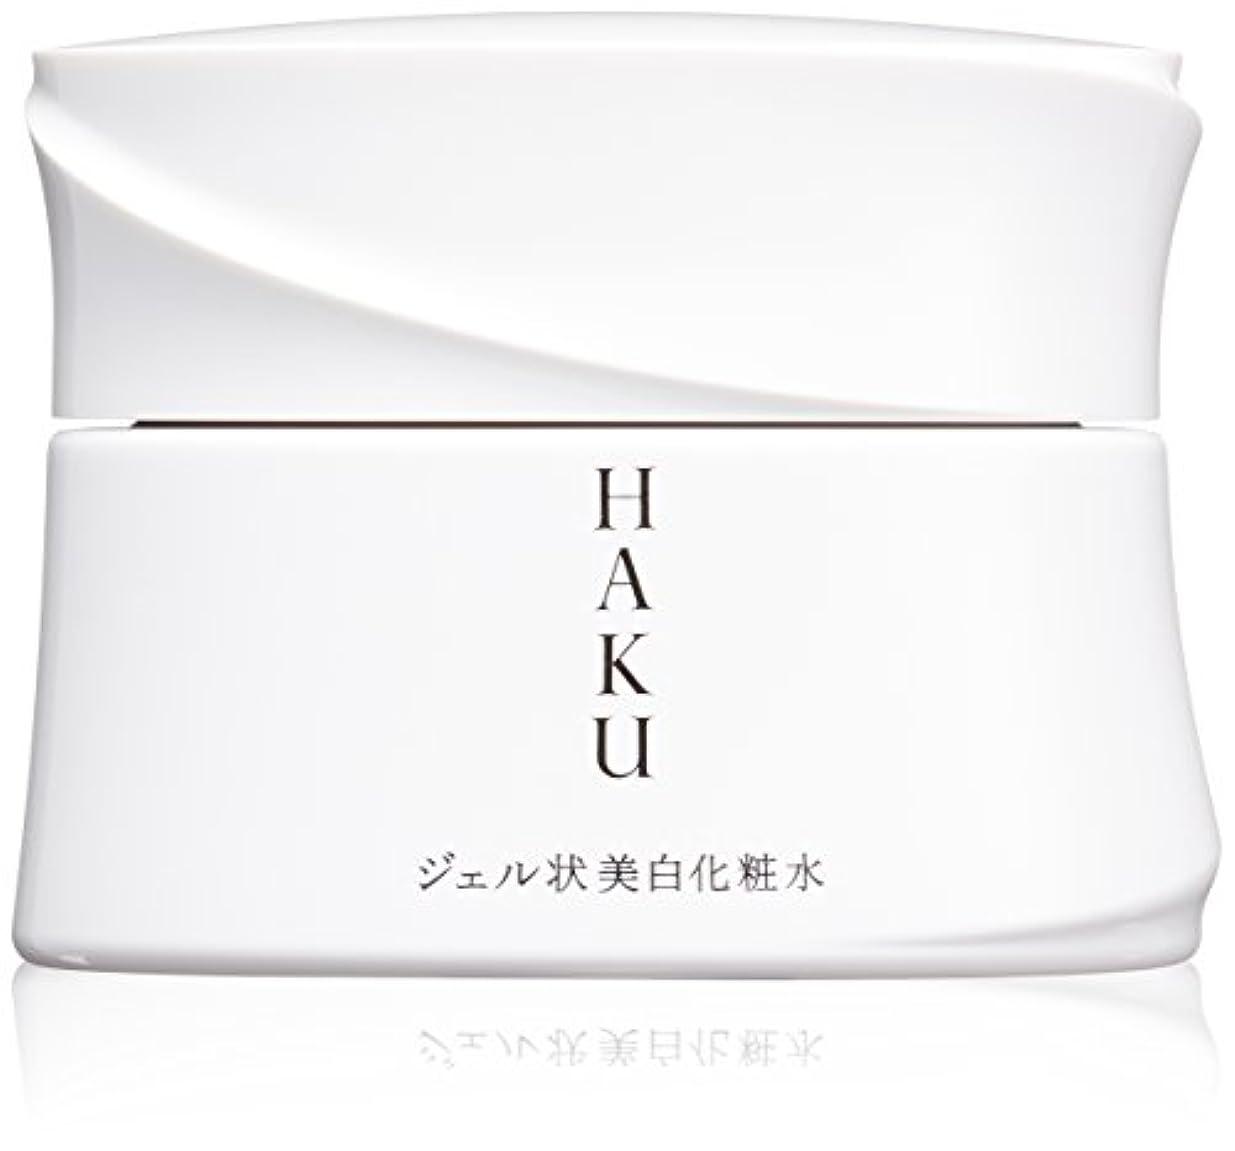 腕違反多分HAKU メラノディープモイスチャー 美白化粧水 100g 【医薬部外品】